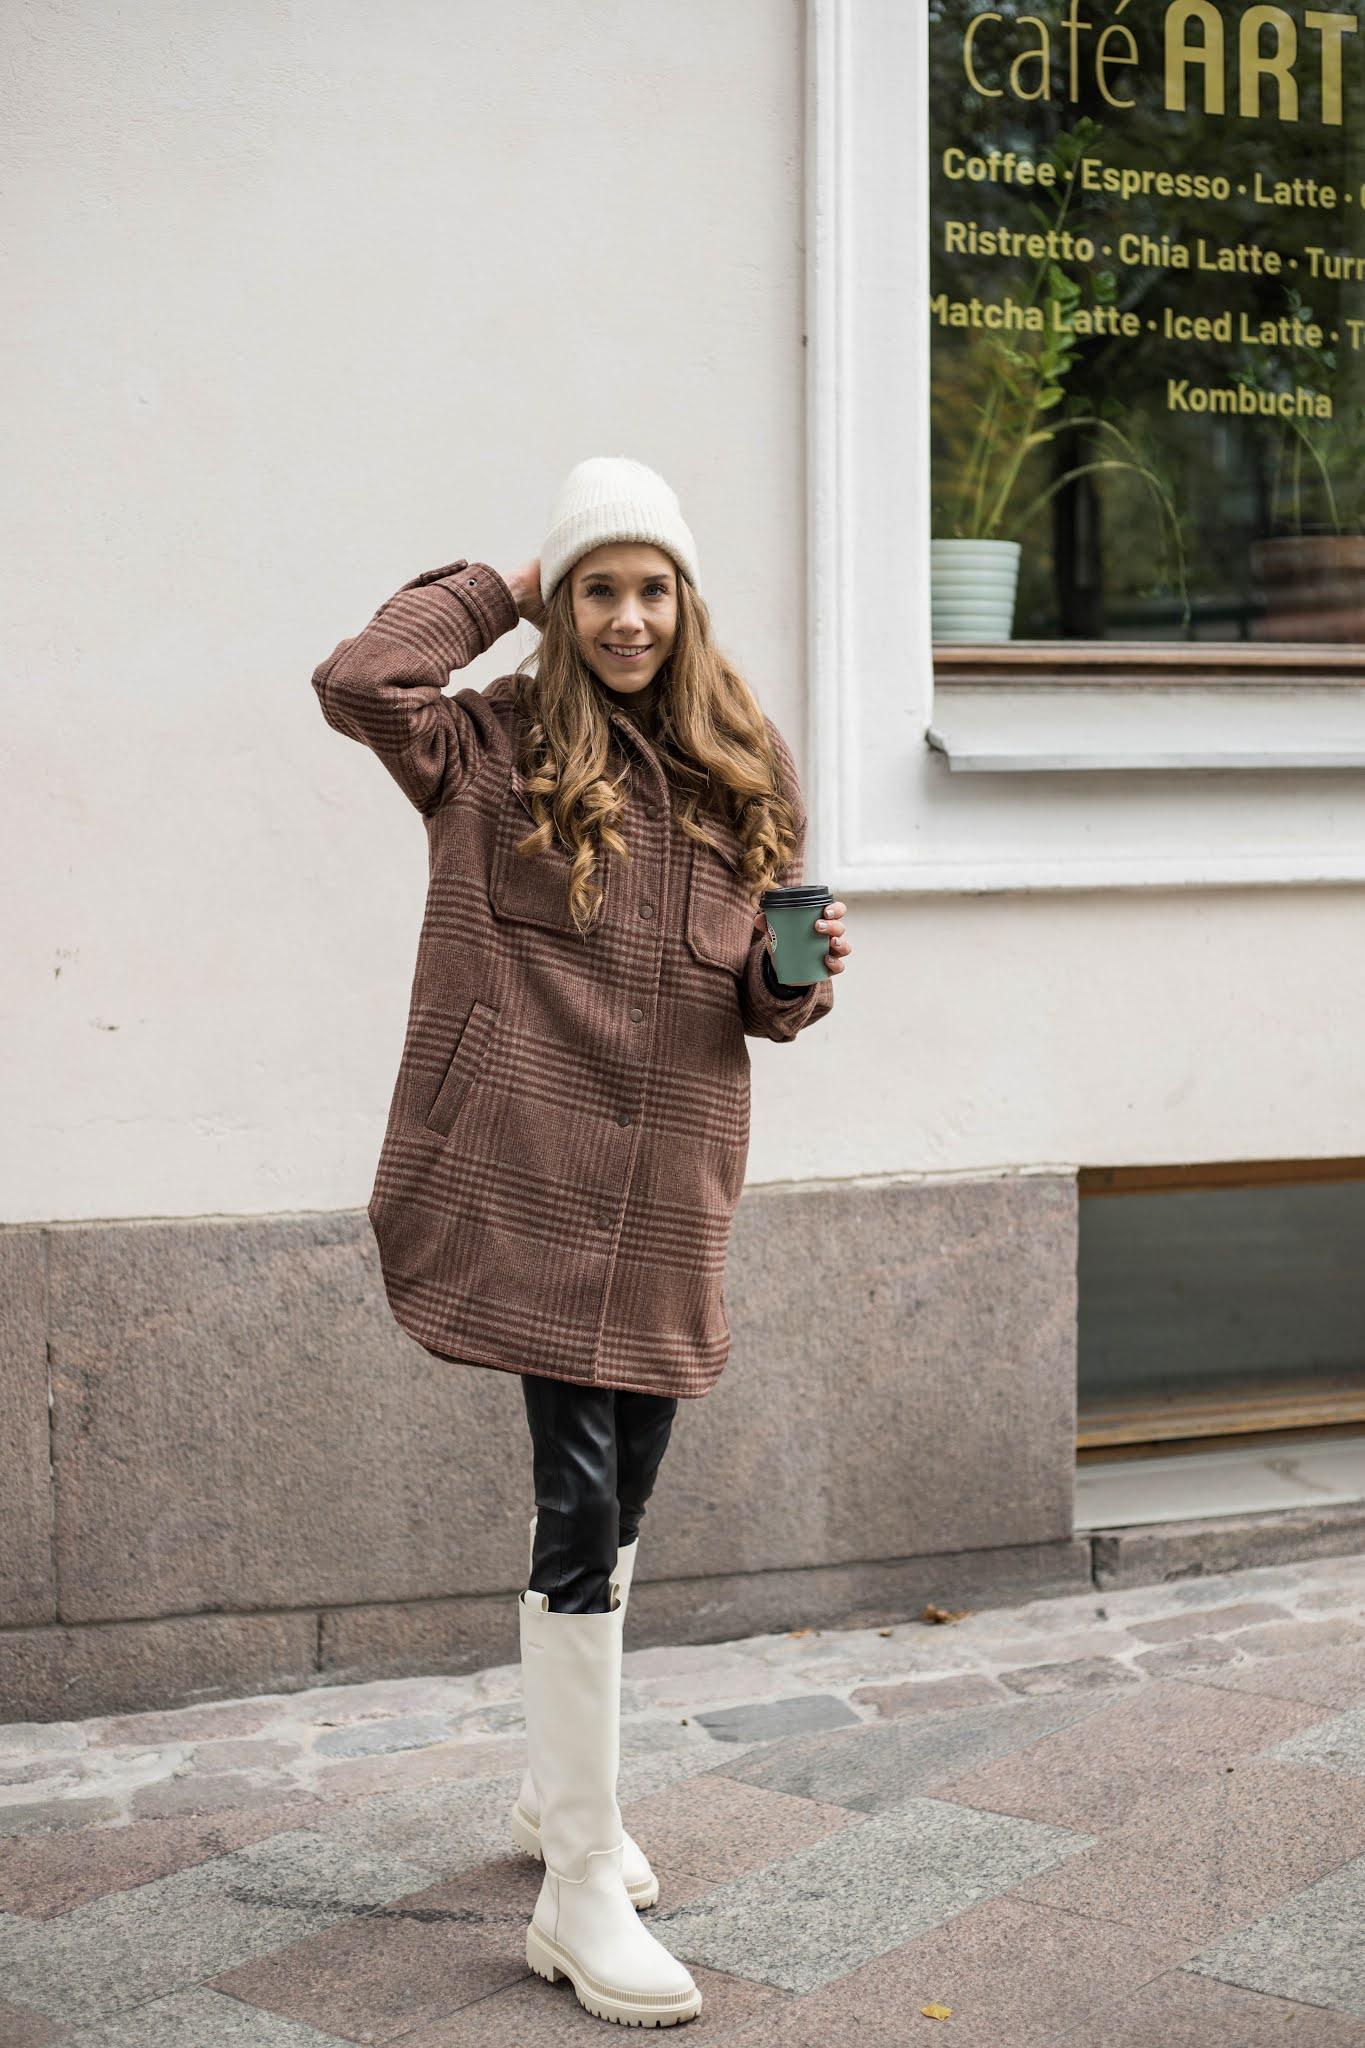 Rento syysmuoti // Casual autumn fashion